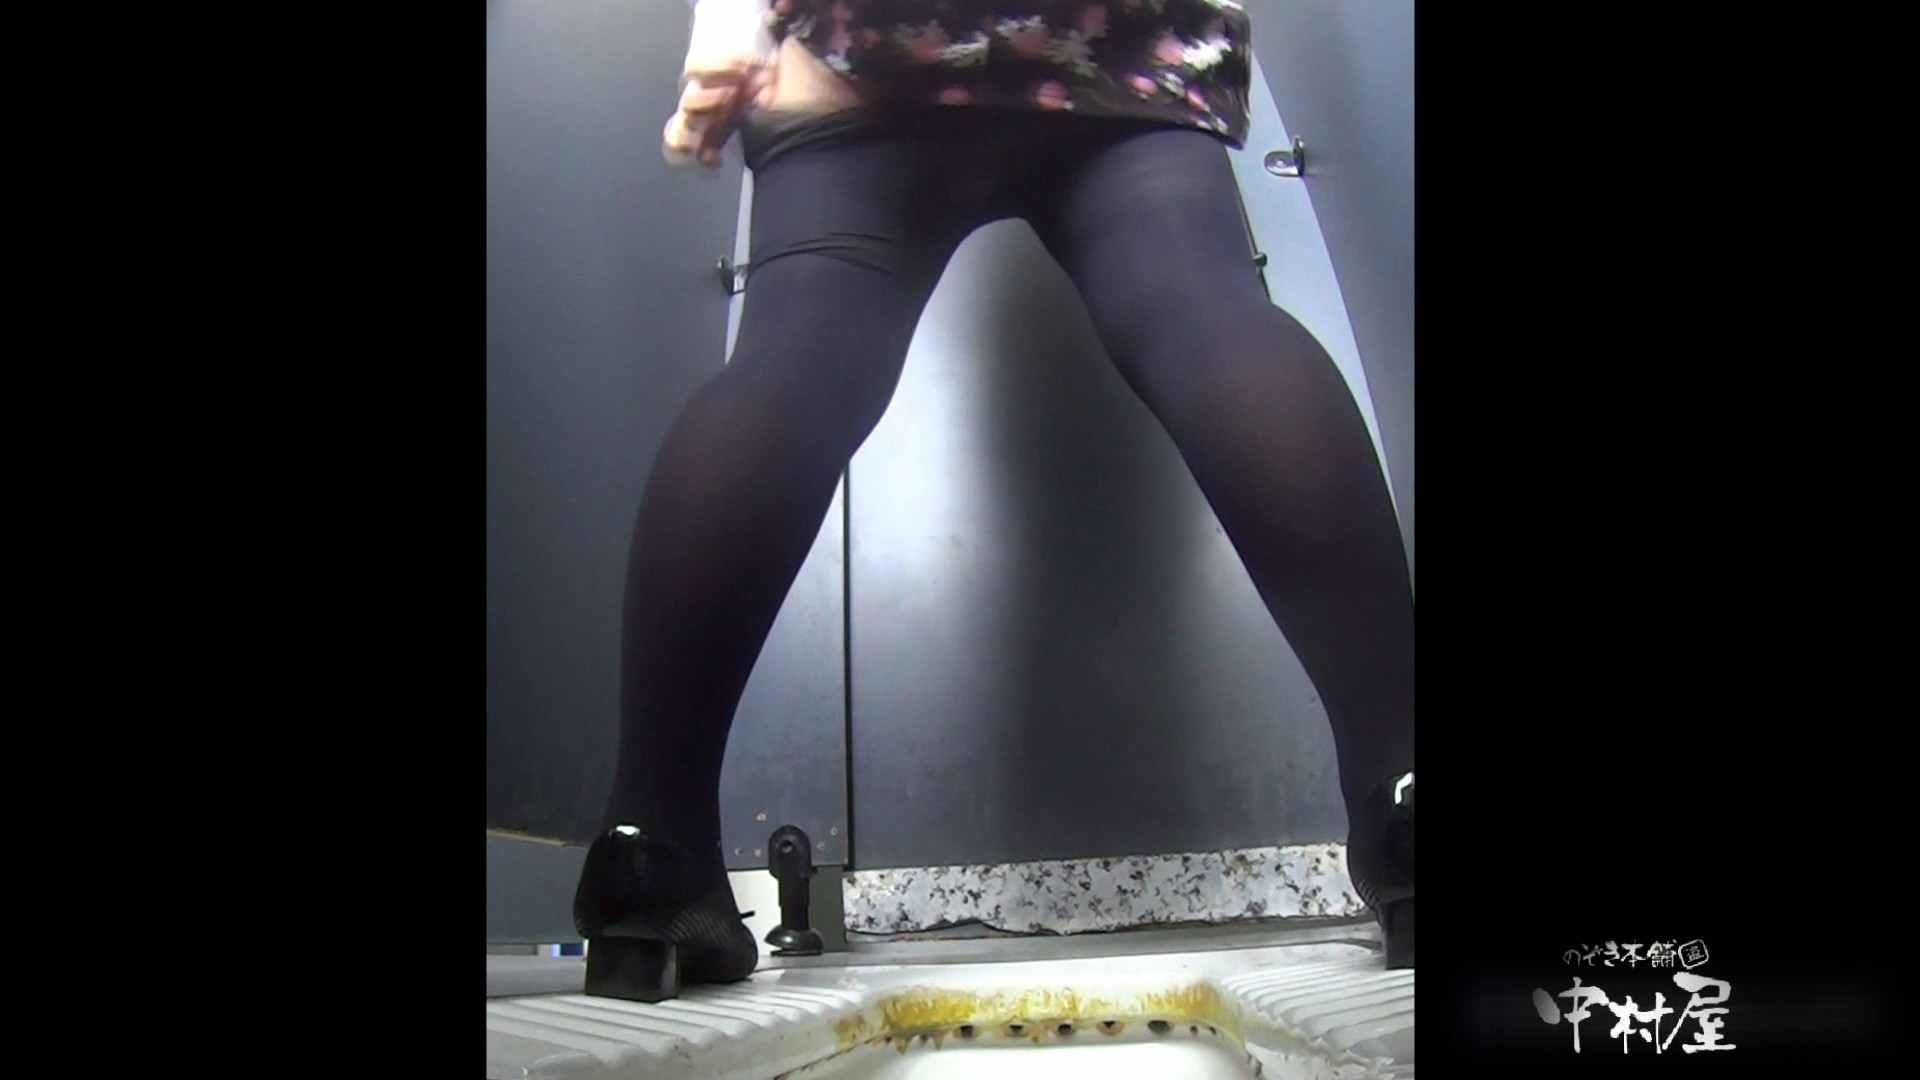 ポチャのお女市さんが多めです 有名大学休憩時間の洗面所事情11 お姉さん丸裸   ポチャ  72pic 29